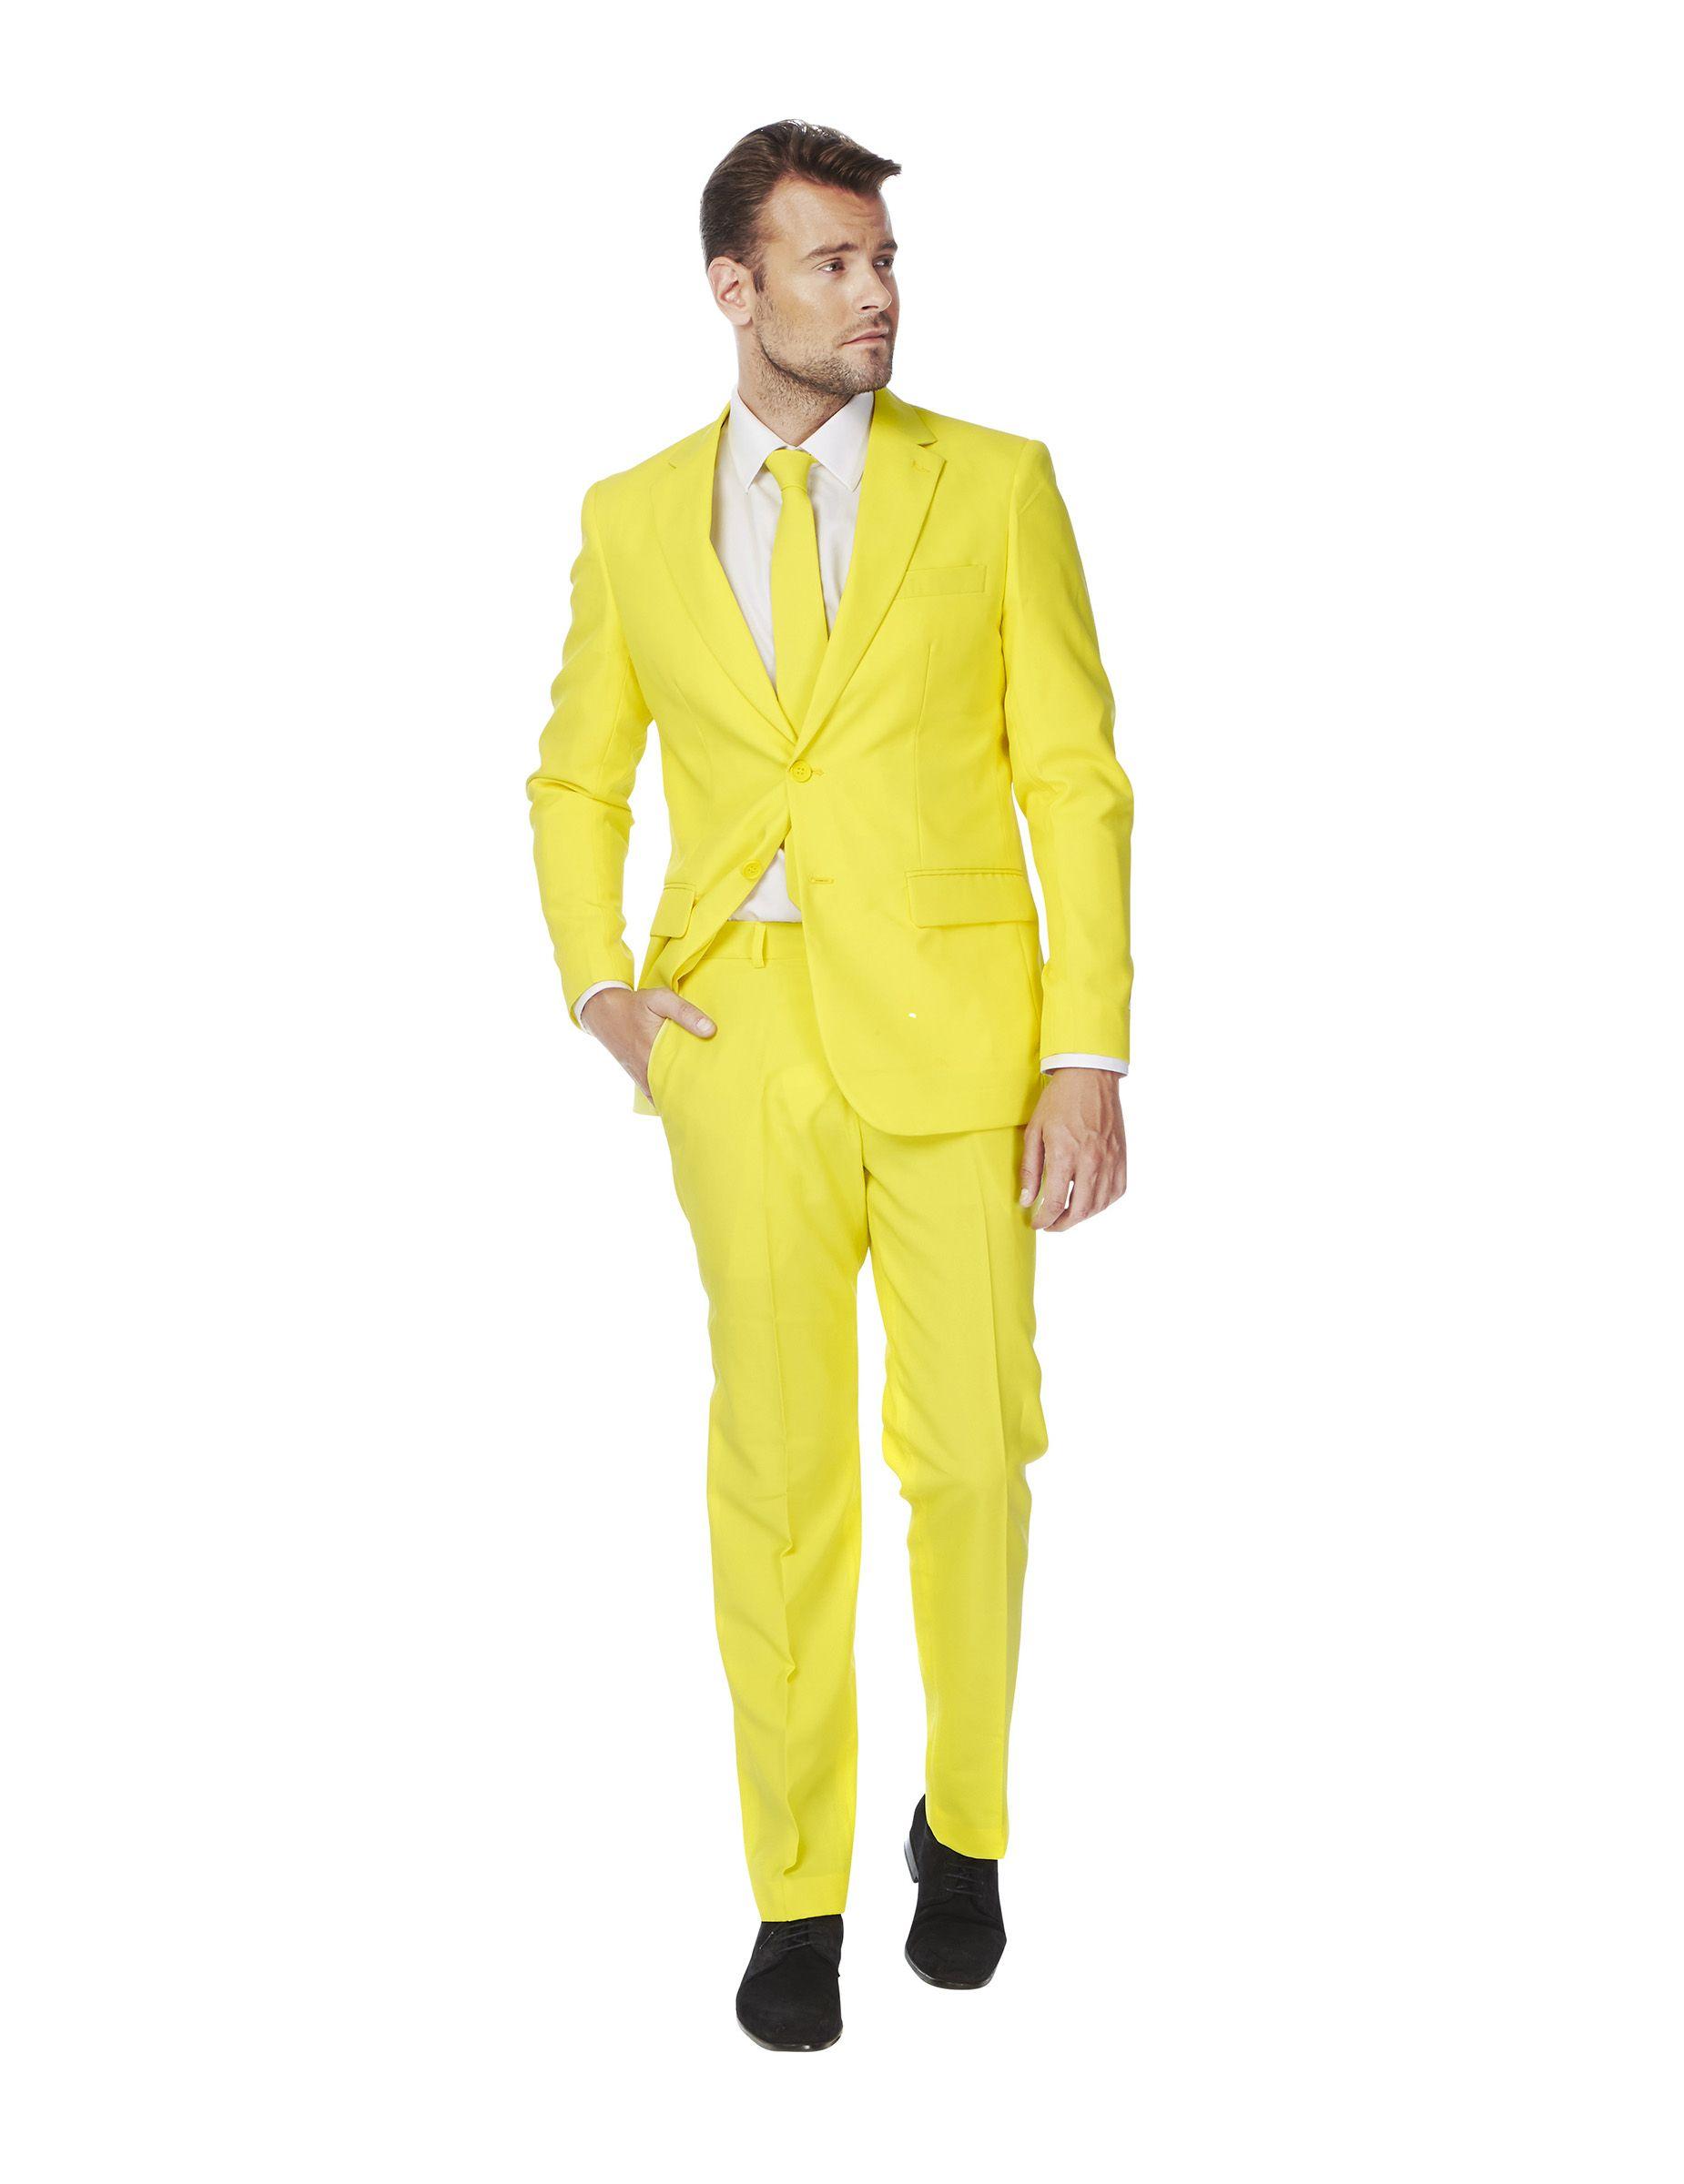 e1e65667ae Traje Mr. Amarillo hombre Opposuits™  Este traje para hombre es de la marca  Opposuits™.Es de color amarillo e incluye chaqueta